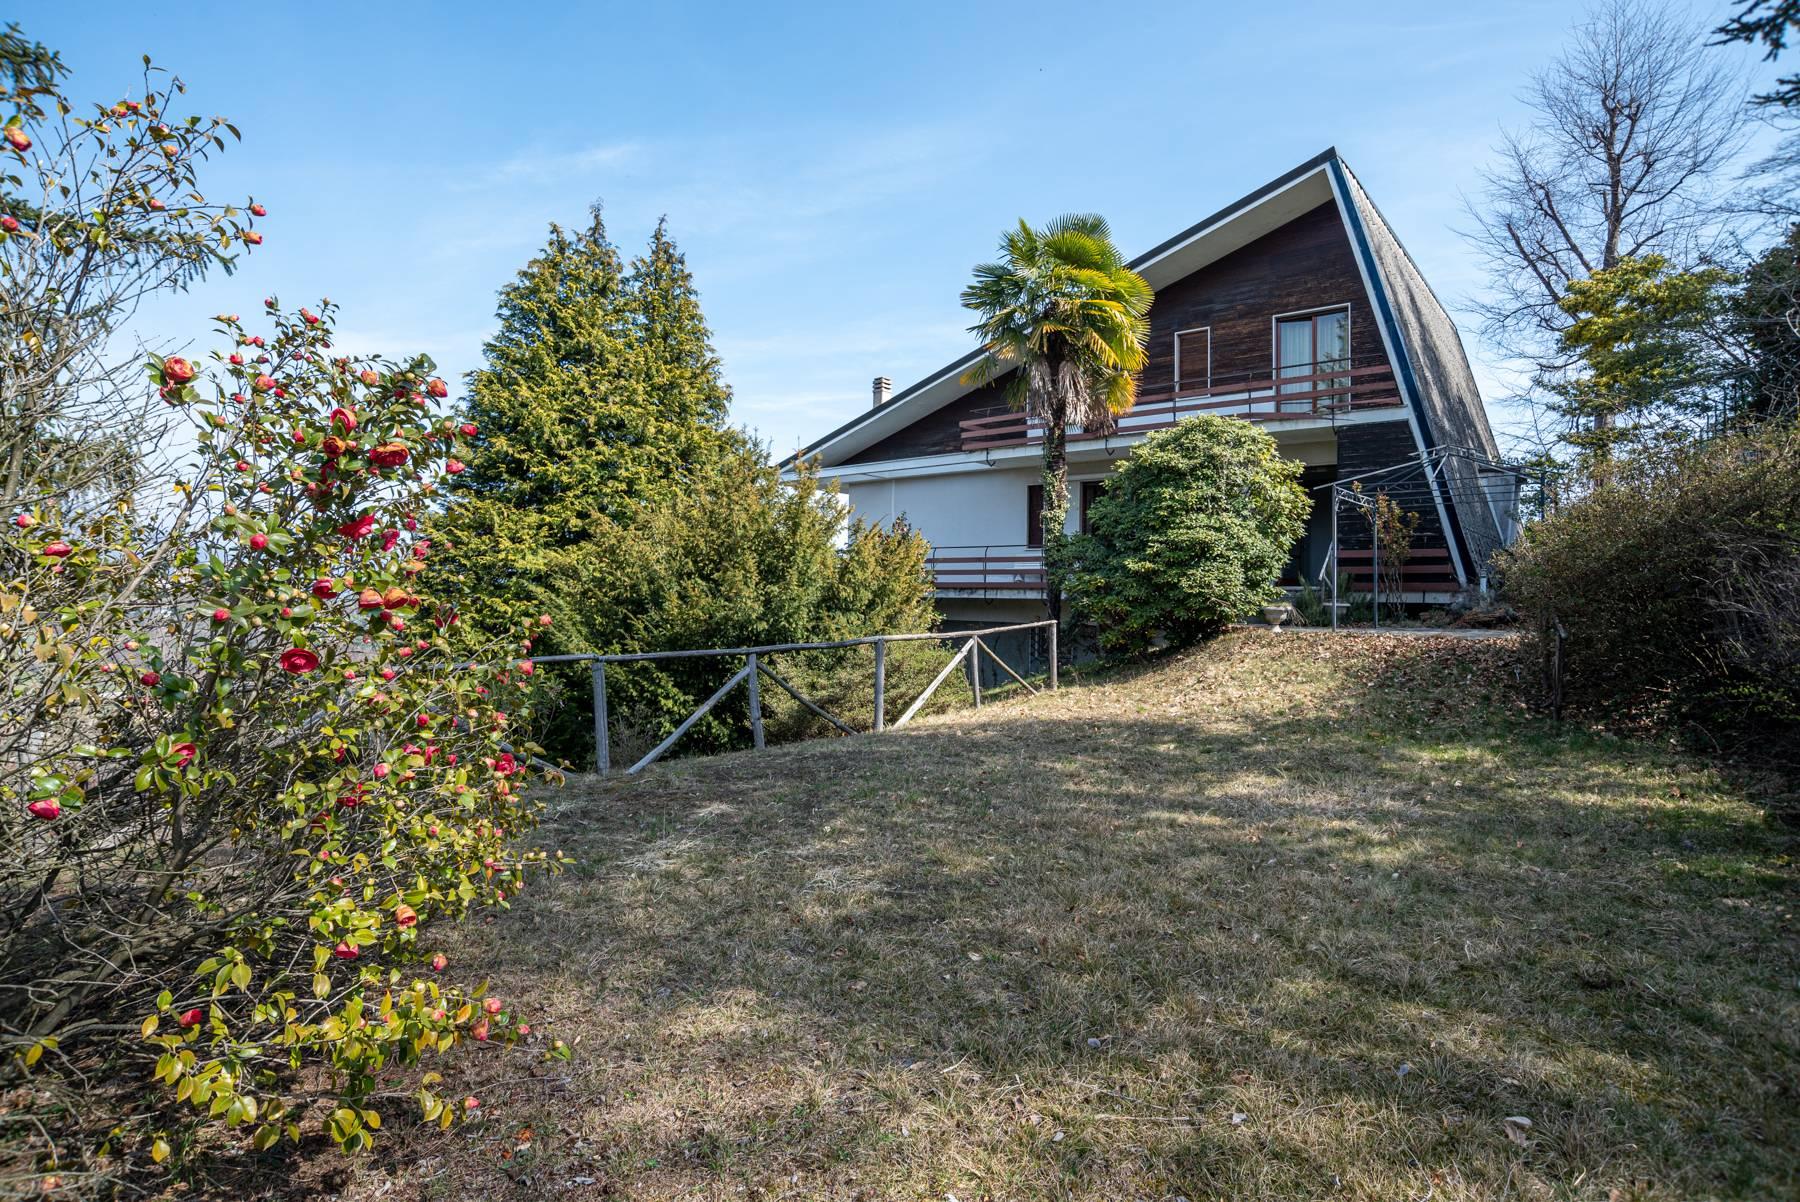 Villa in Vendita a Arona: 5 locali, 350 mq - Foto 24